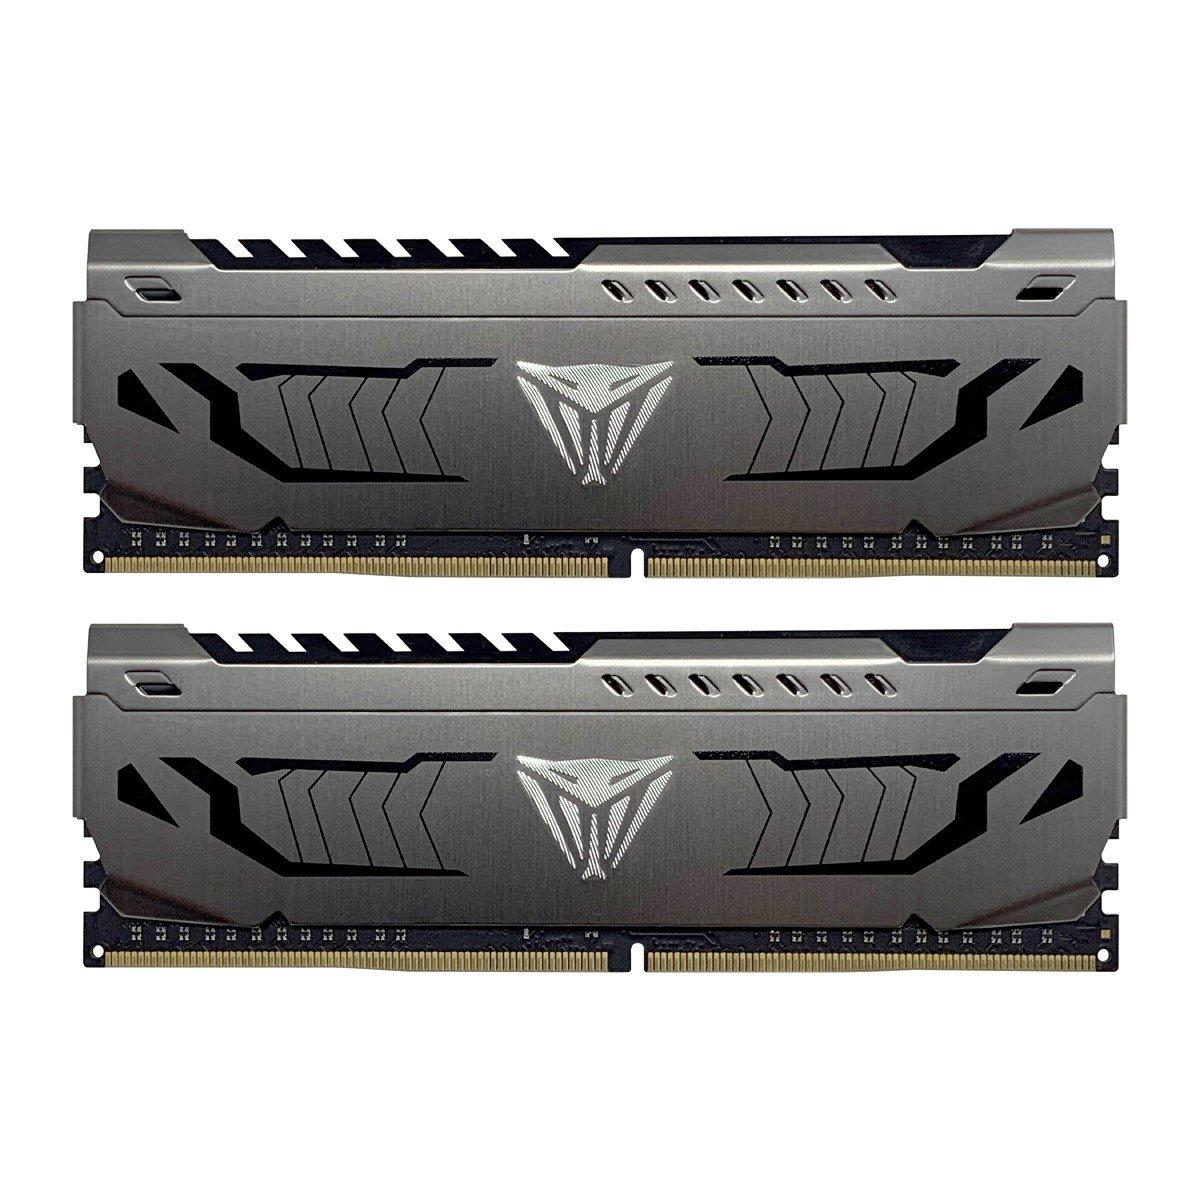 Viper Steel Series DDR4 16GB (2 x 8GB) 4000MHz Performance Memory Kit - £79.11 at Amazon